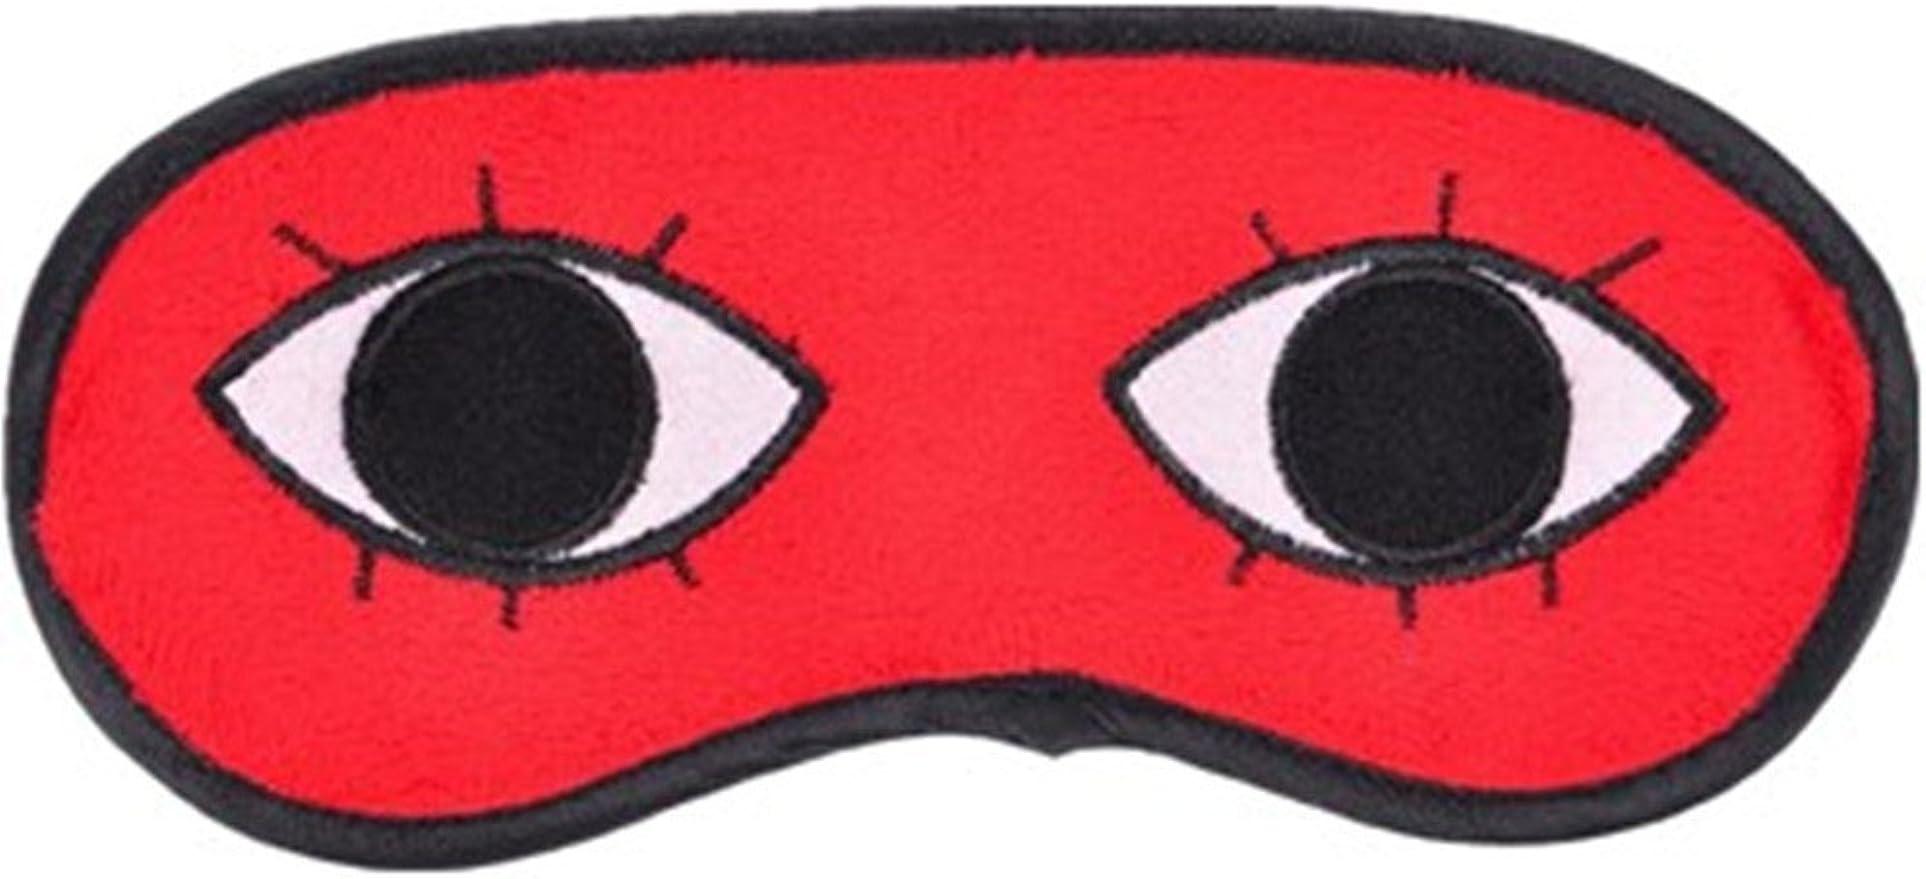 Japan Comic Gintama Okita Sougo Sleep Eyeshade Eye Mask Anime Cosplay